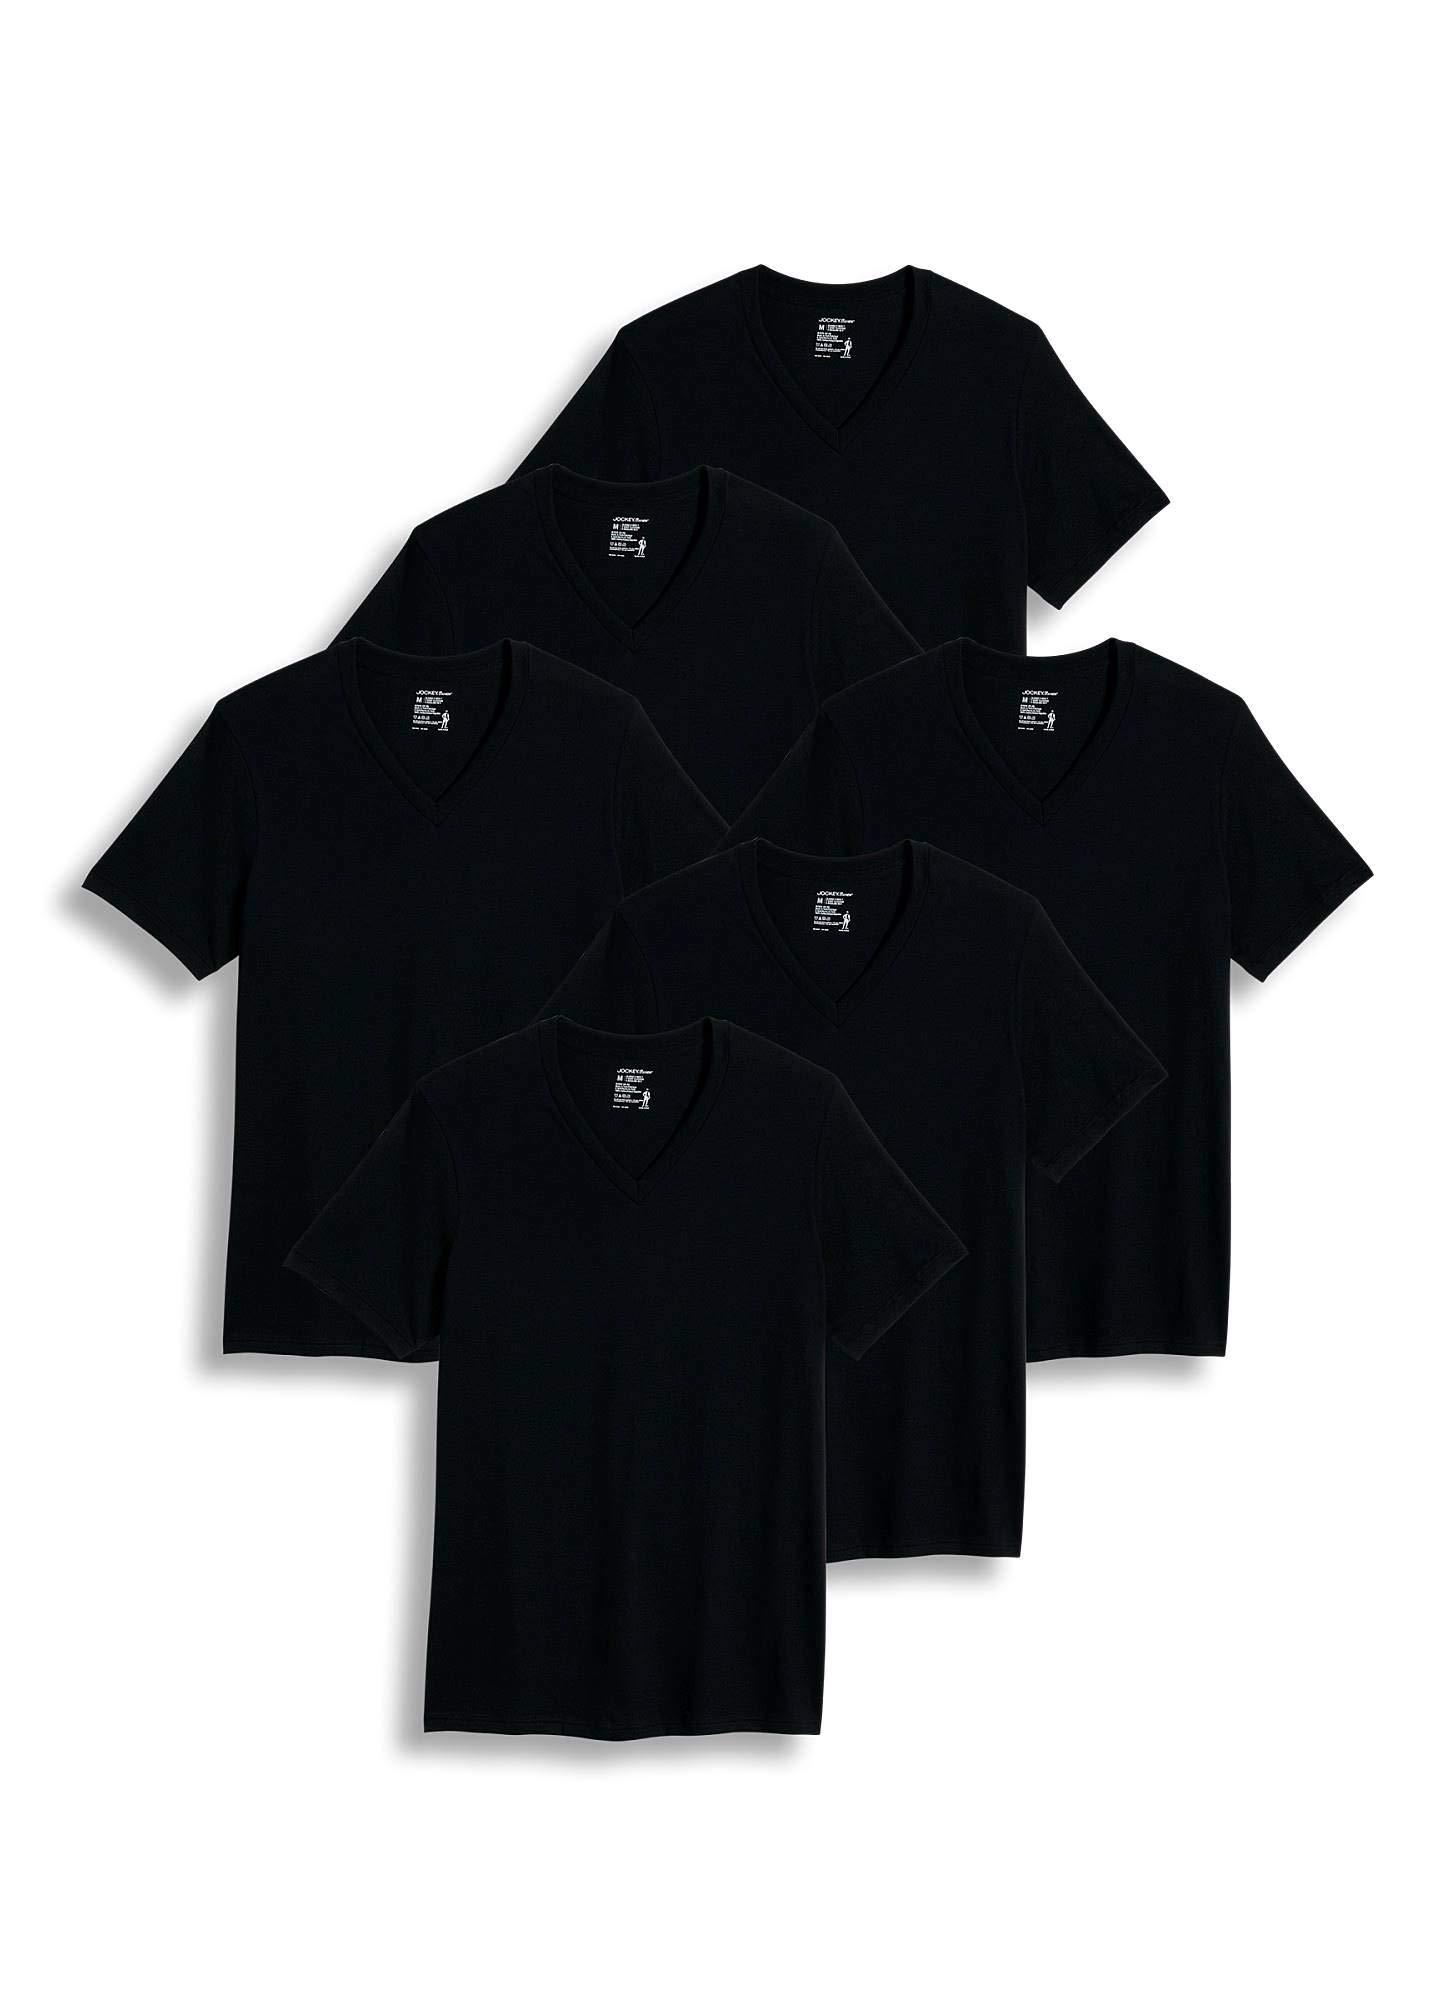 Jockey Men's T-Shirts Big & Tall Classic V-Neck T-Shirt - 6 Pack, Black, XLT